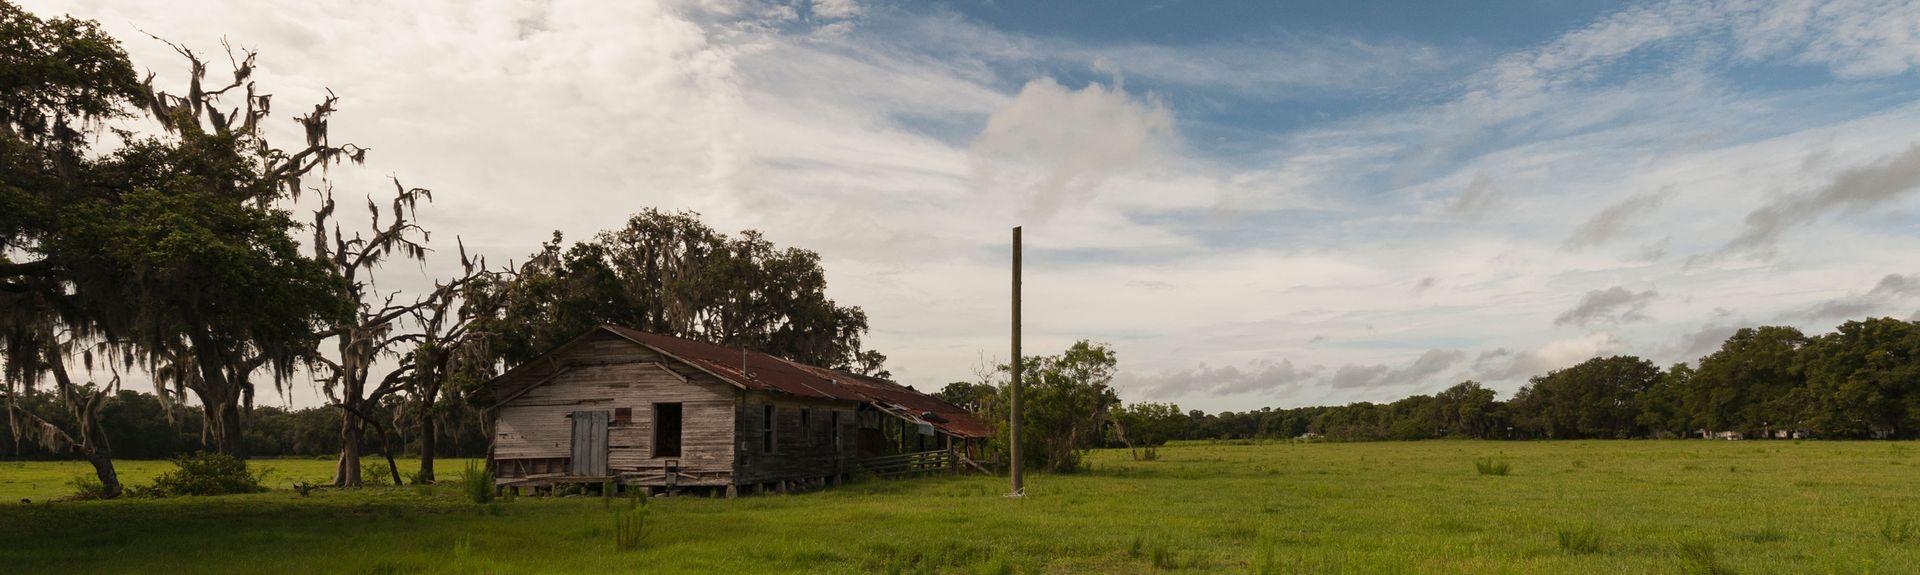 Wildwood, FL, USA